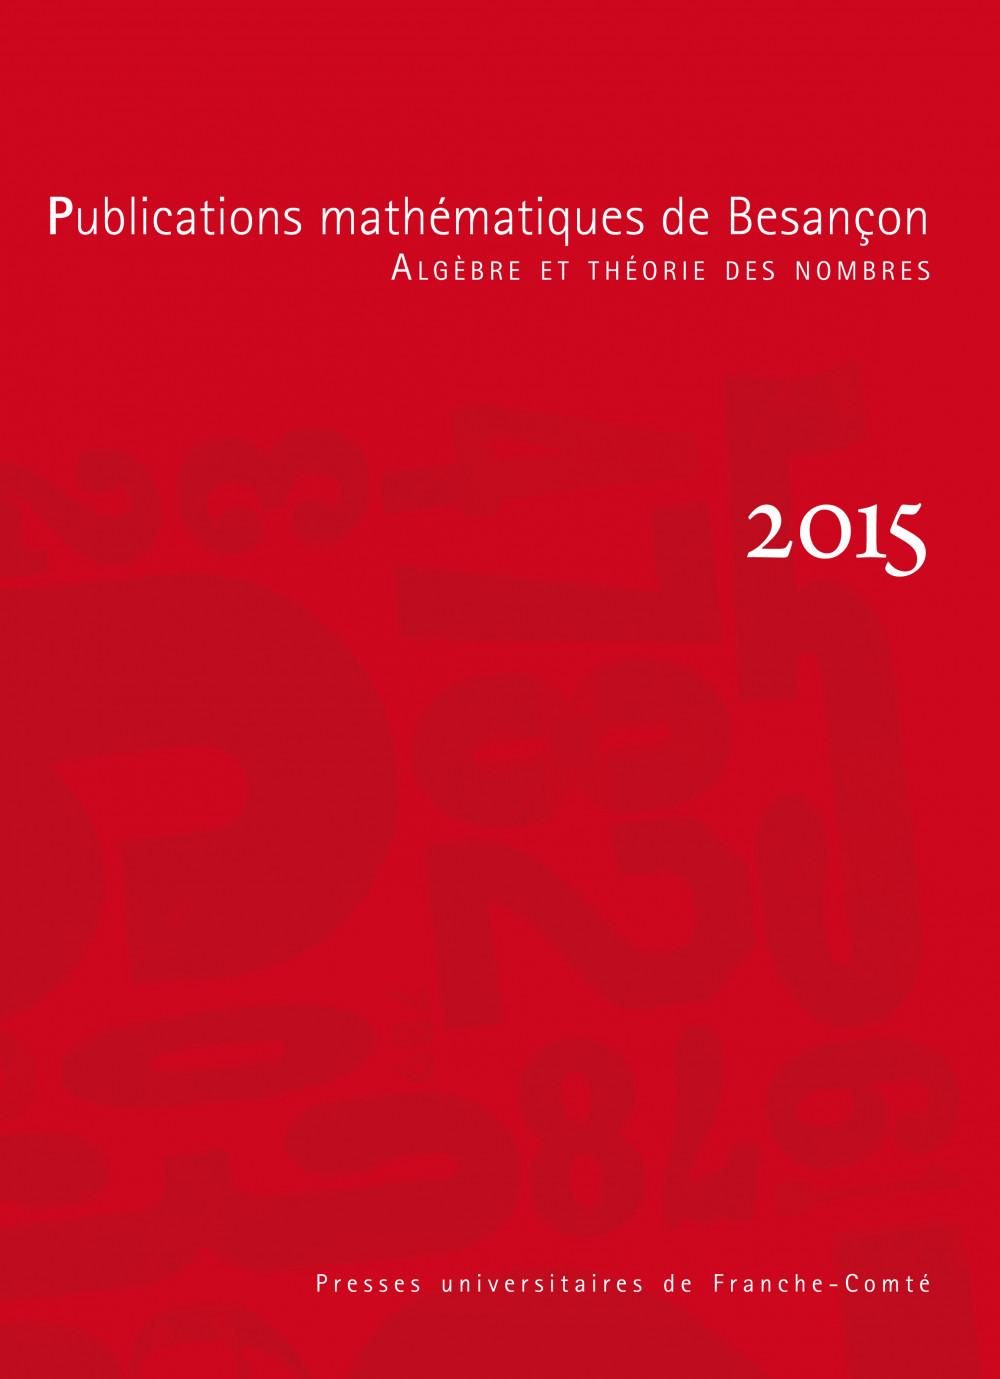 Publications mathématiques de Besançon - Algèbre et théorie des nombres - numéro 2015